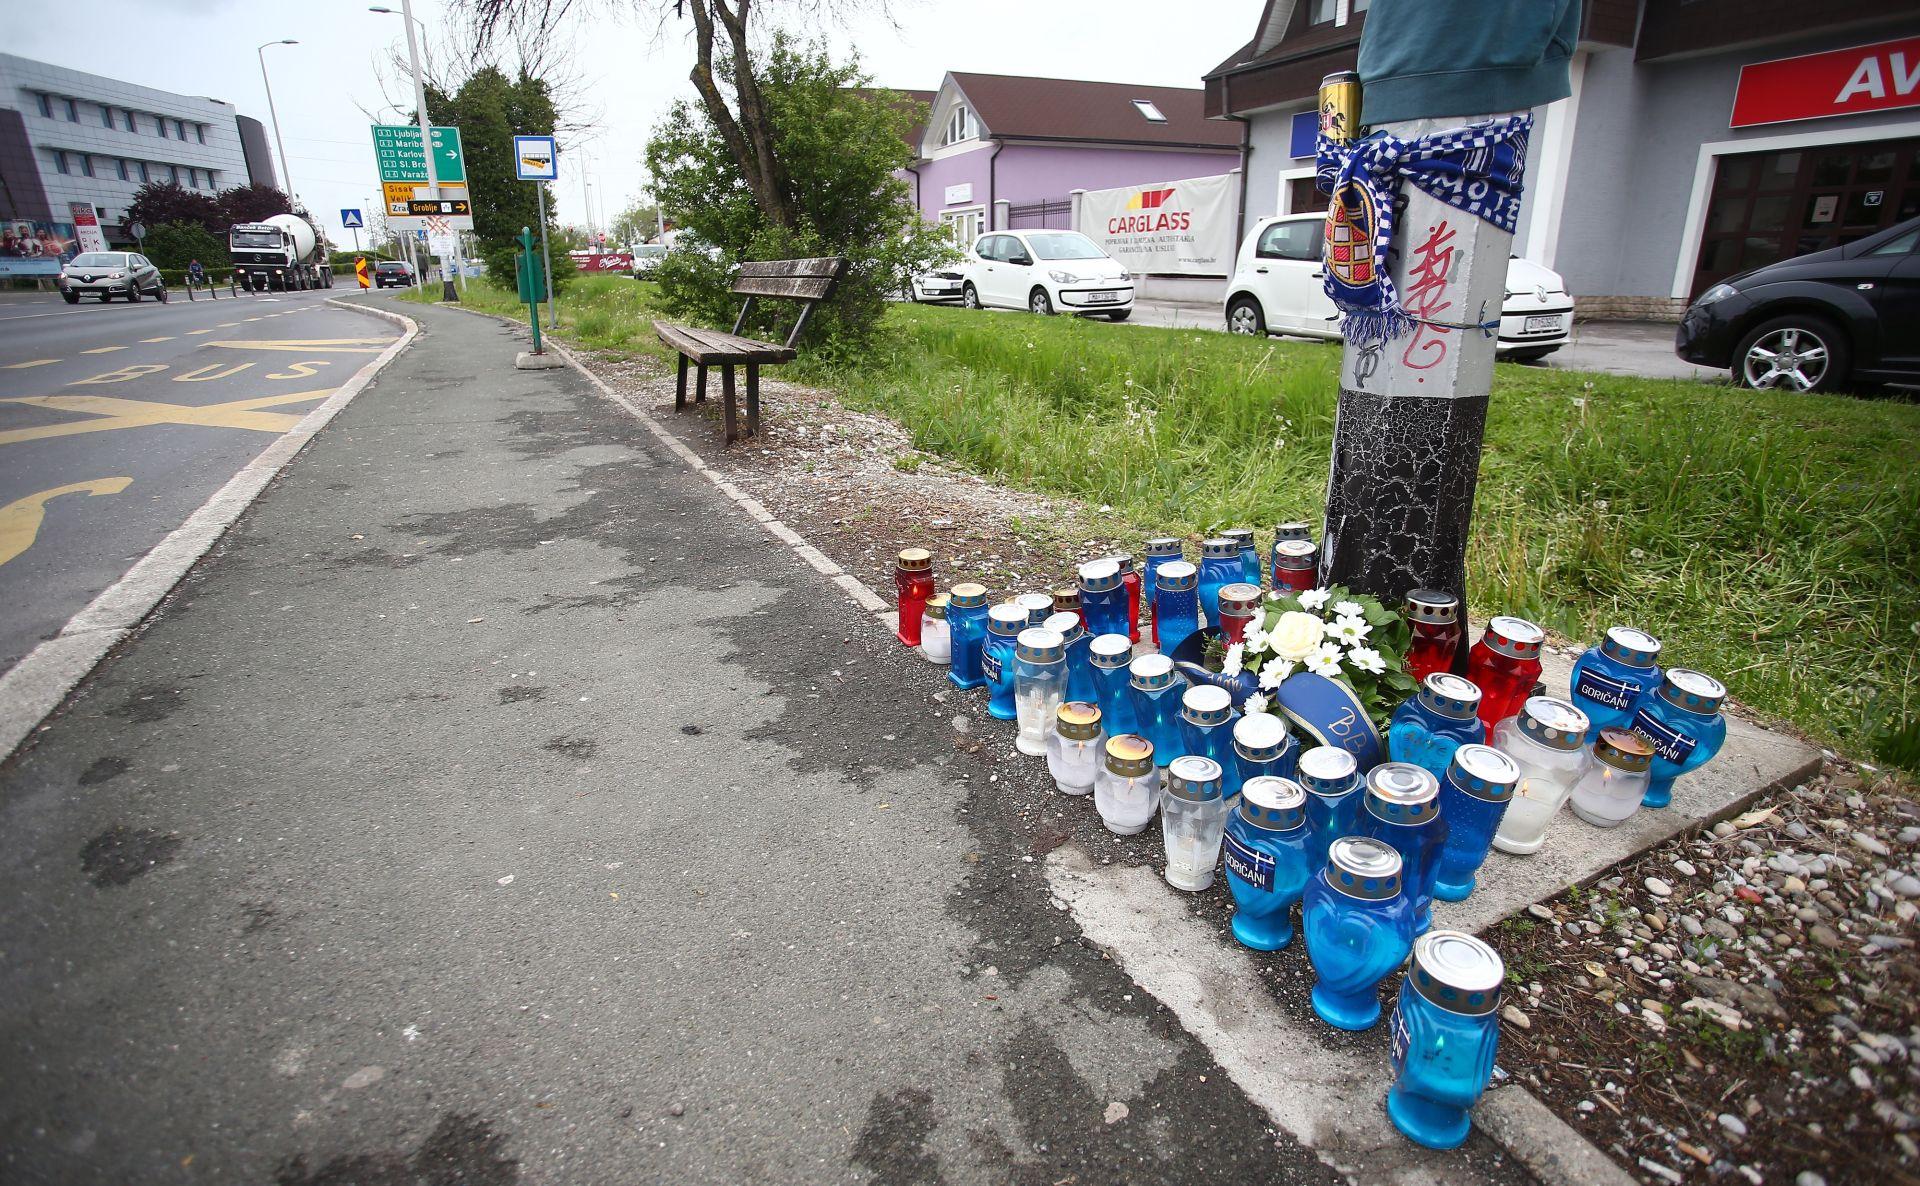 UBOJSTVO U SLOBOŠTINI Policija uhitila napadača – 29-godišnjaka ubio jer nije htio platiti autobusnu kartu